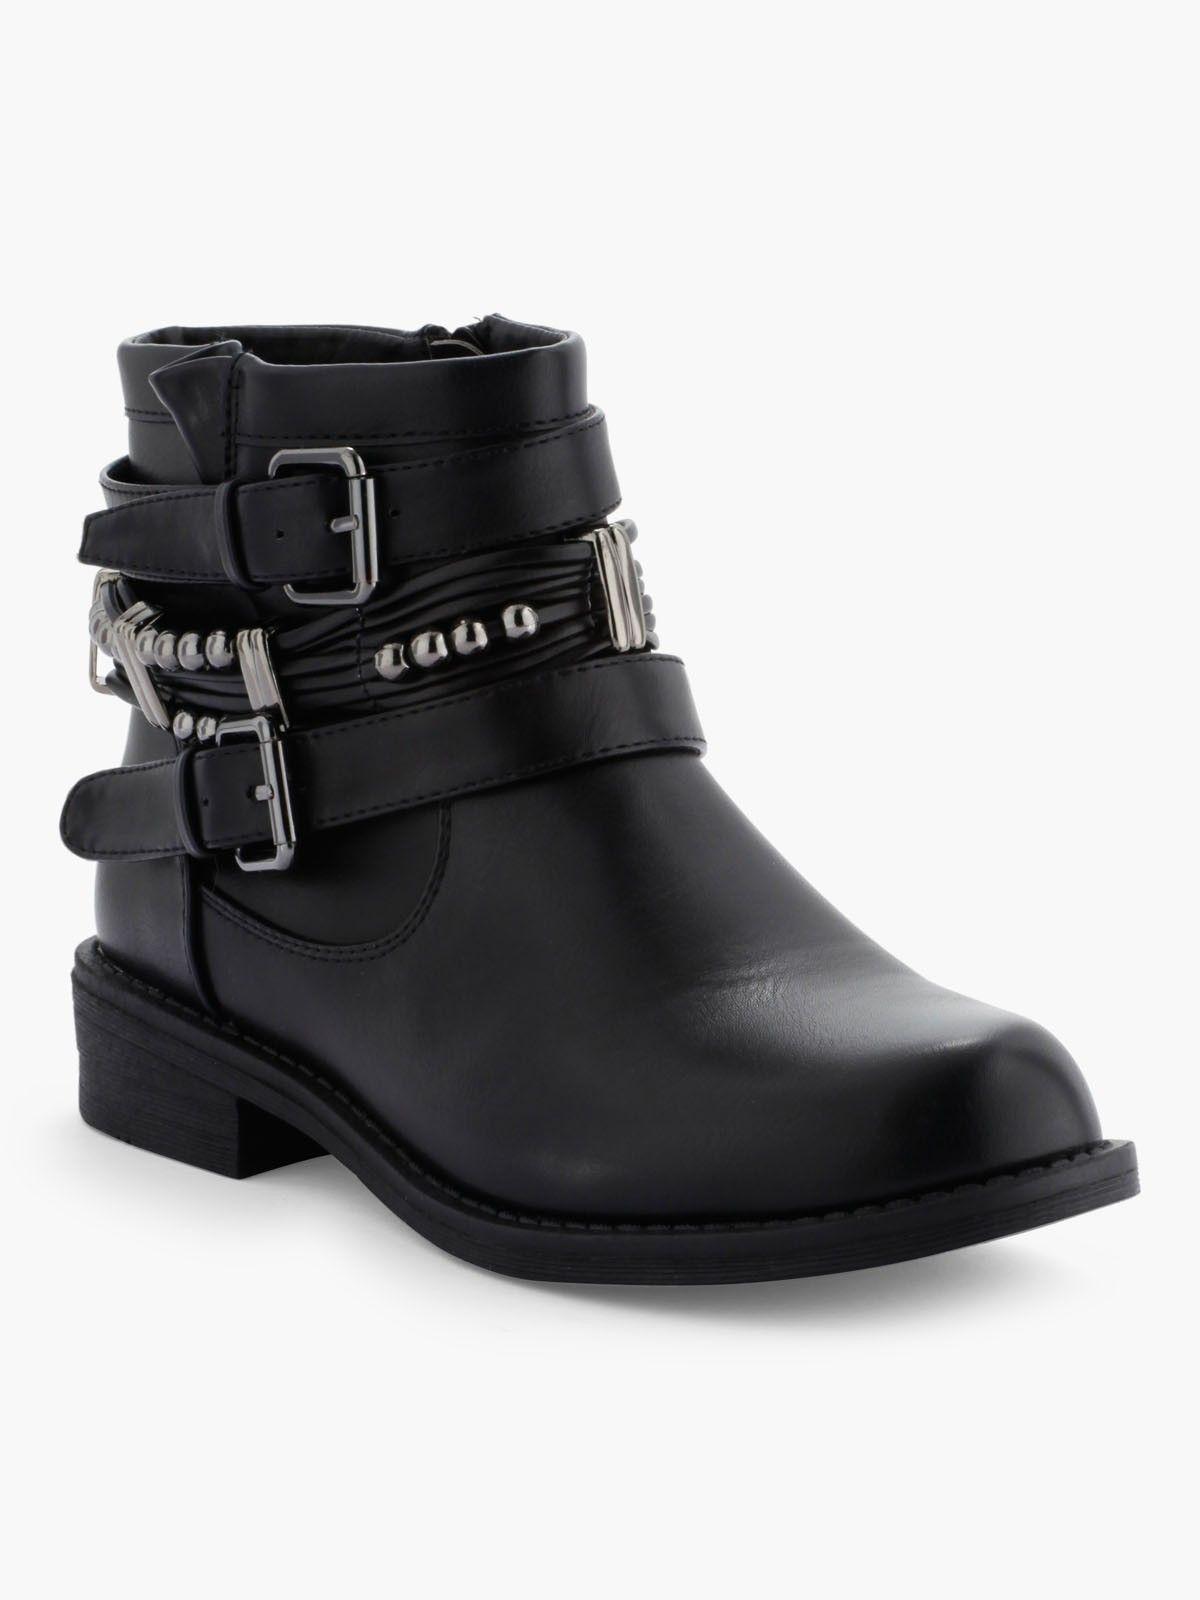 Marques Chaussure femme Esprit femme SITA BOOTIE Black